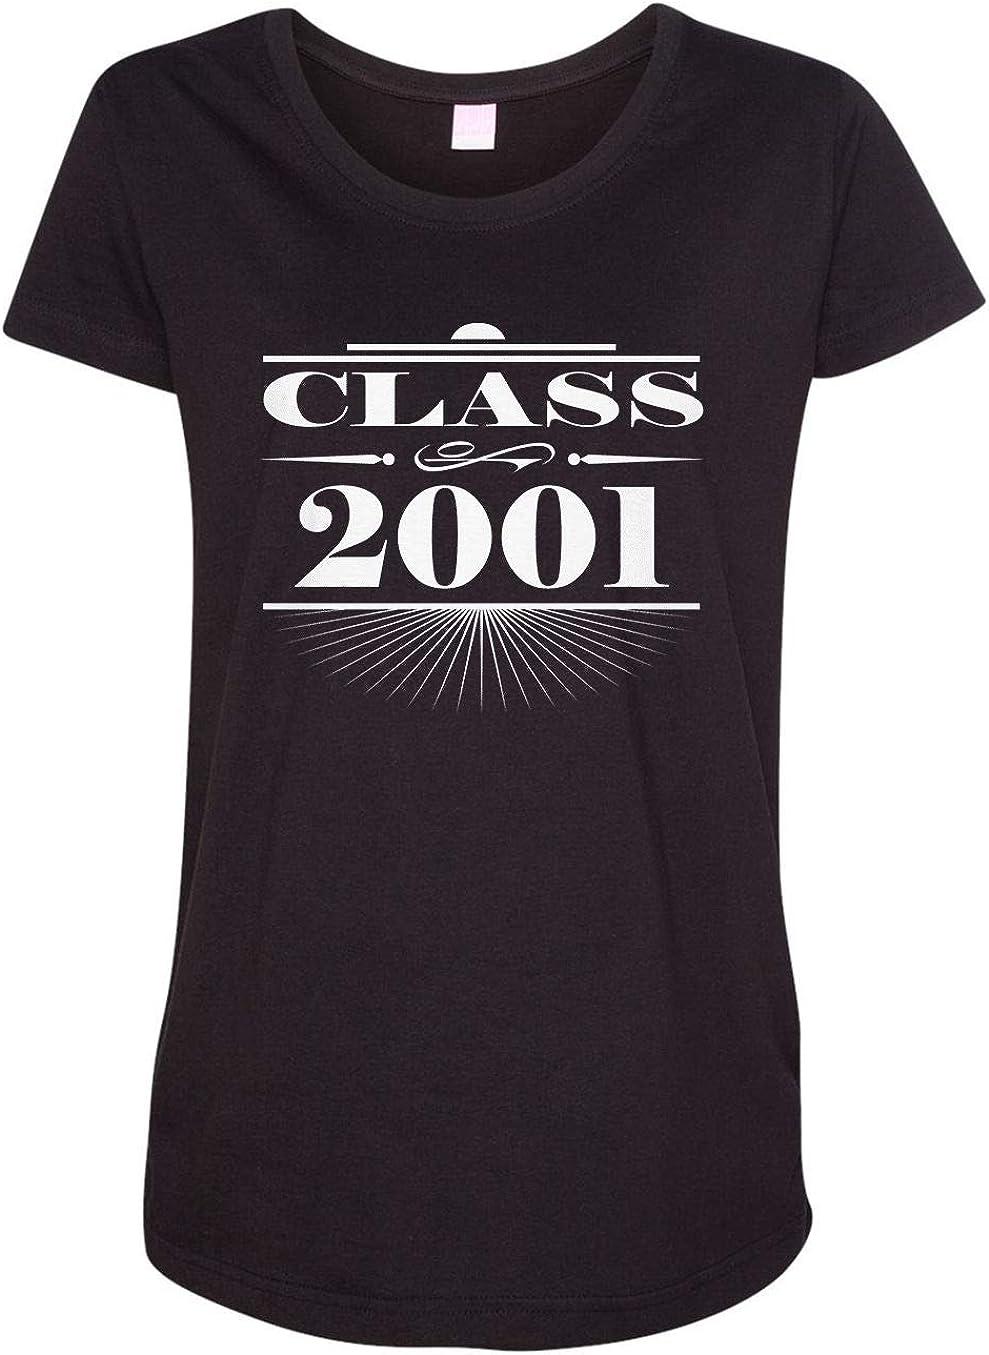 HARD EDGE DESIGN Women's Art Deco Class of 2001 T-Shirt